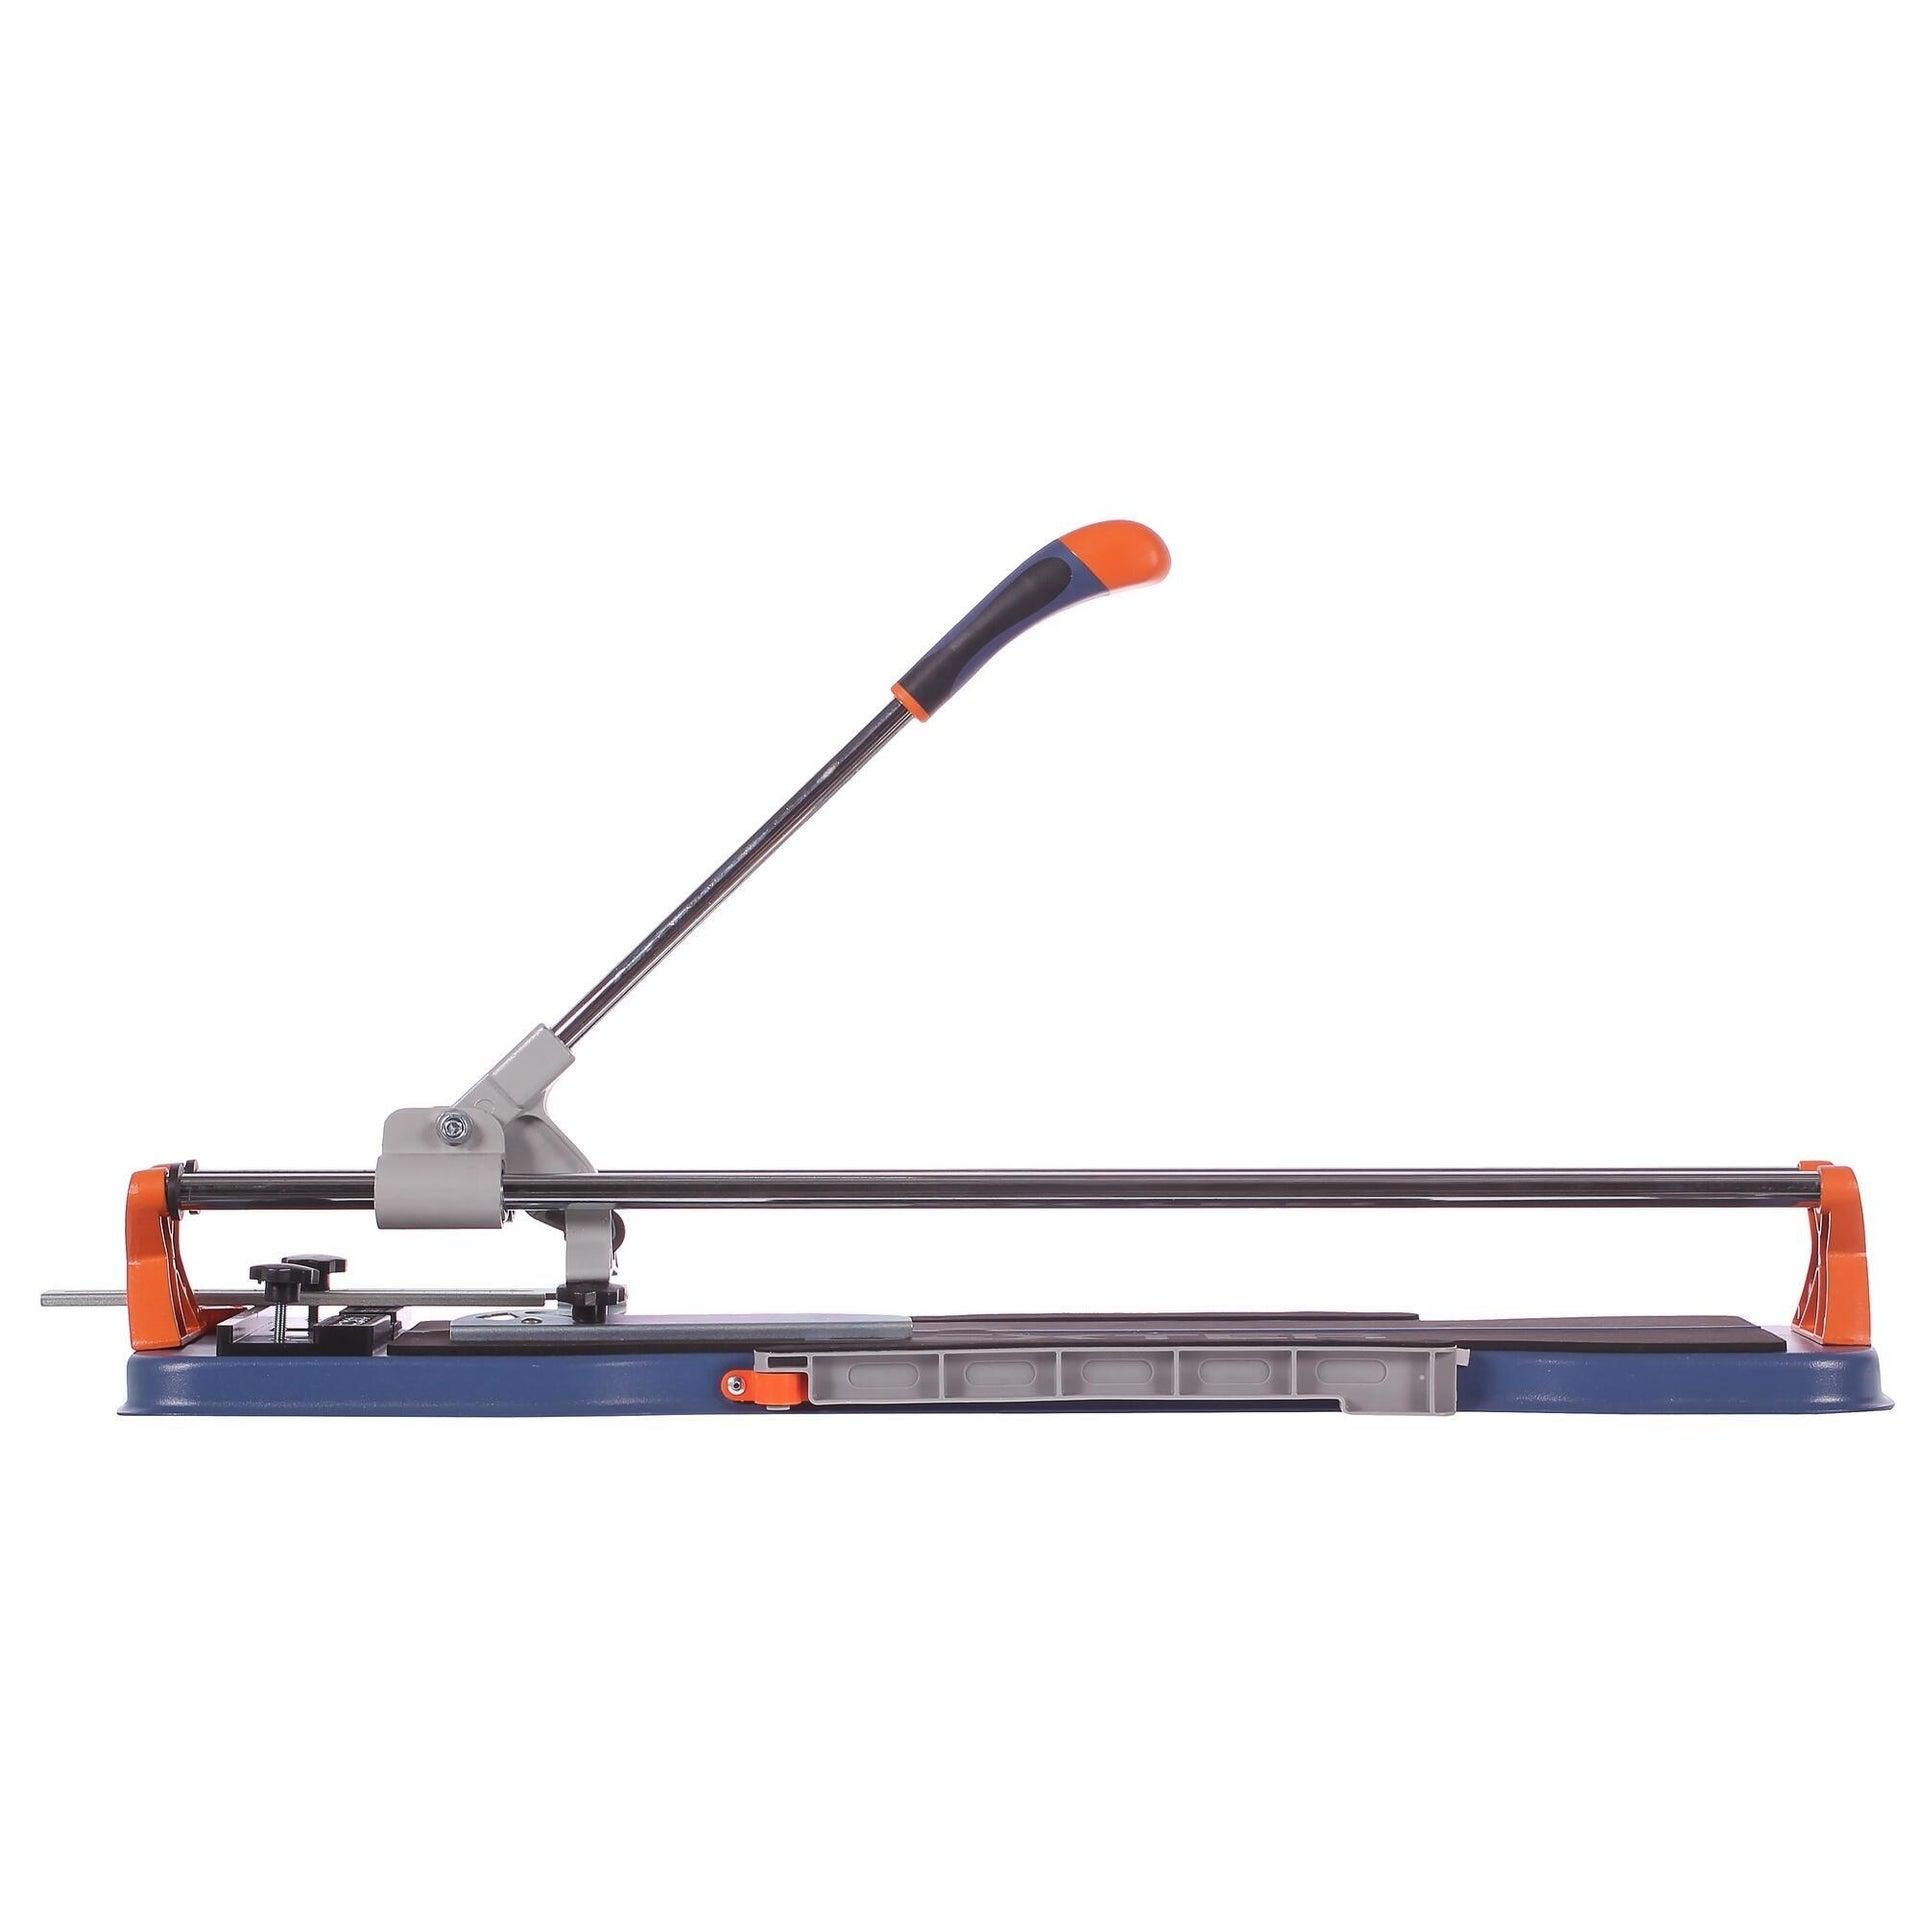 Tagliapiastrelle manuale DEXTER , lunghezza max taglio 600 mm - 8